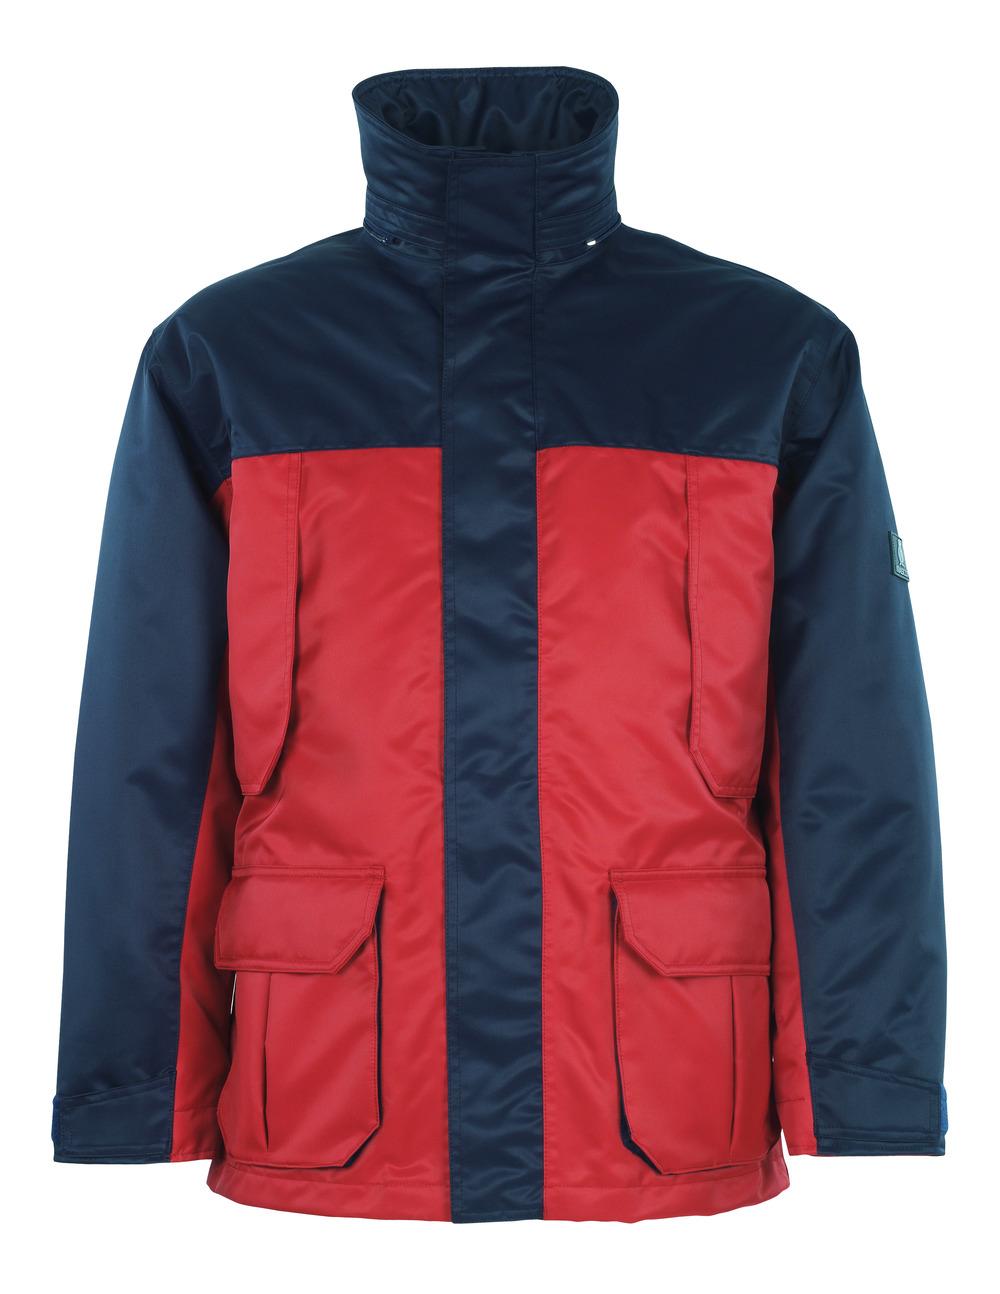 00930-650-21 Parka - rood/marine